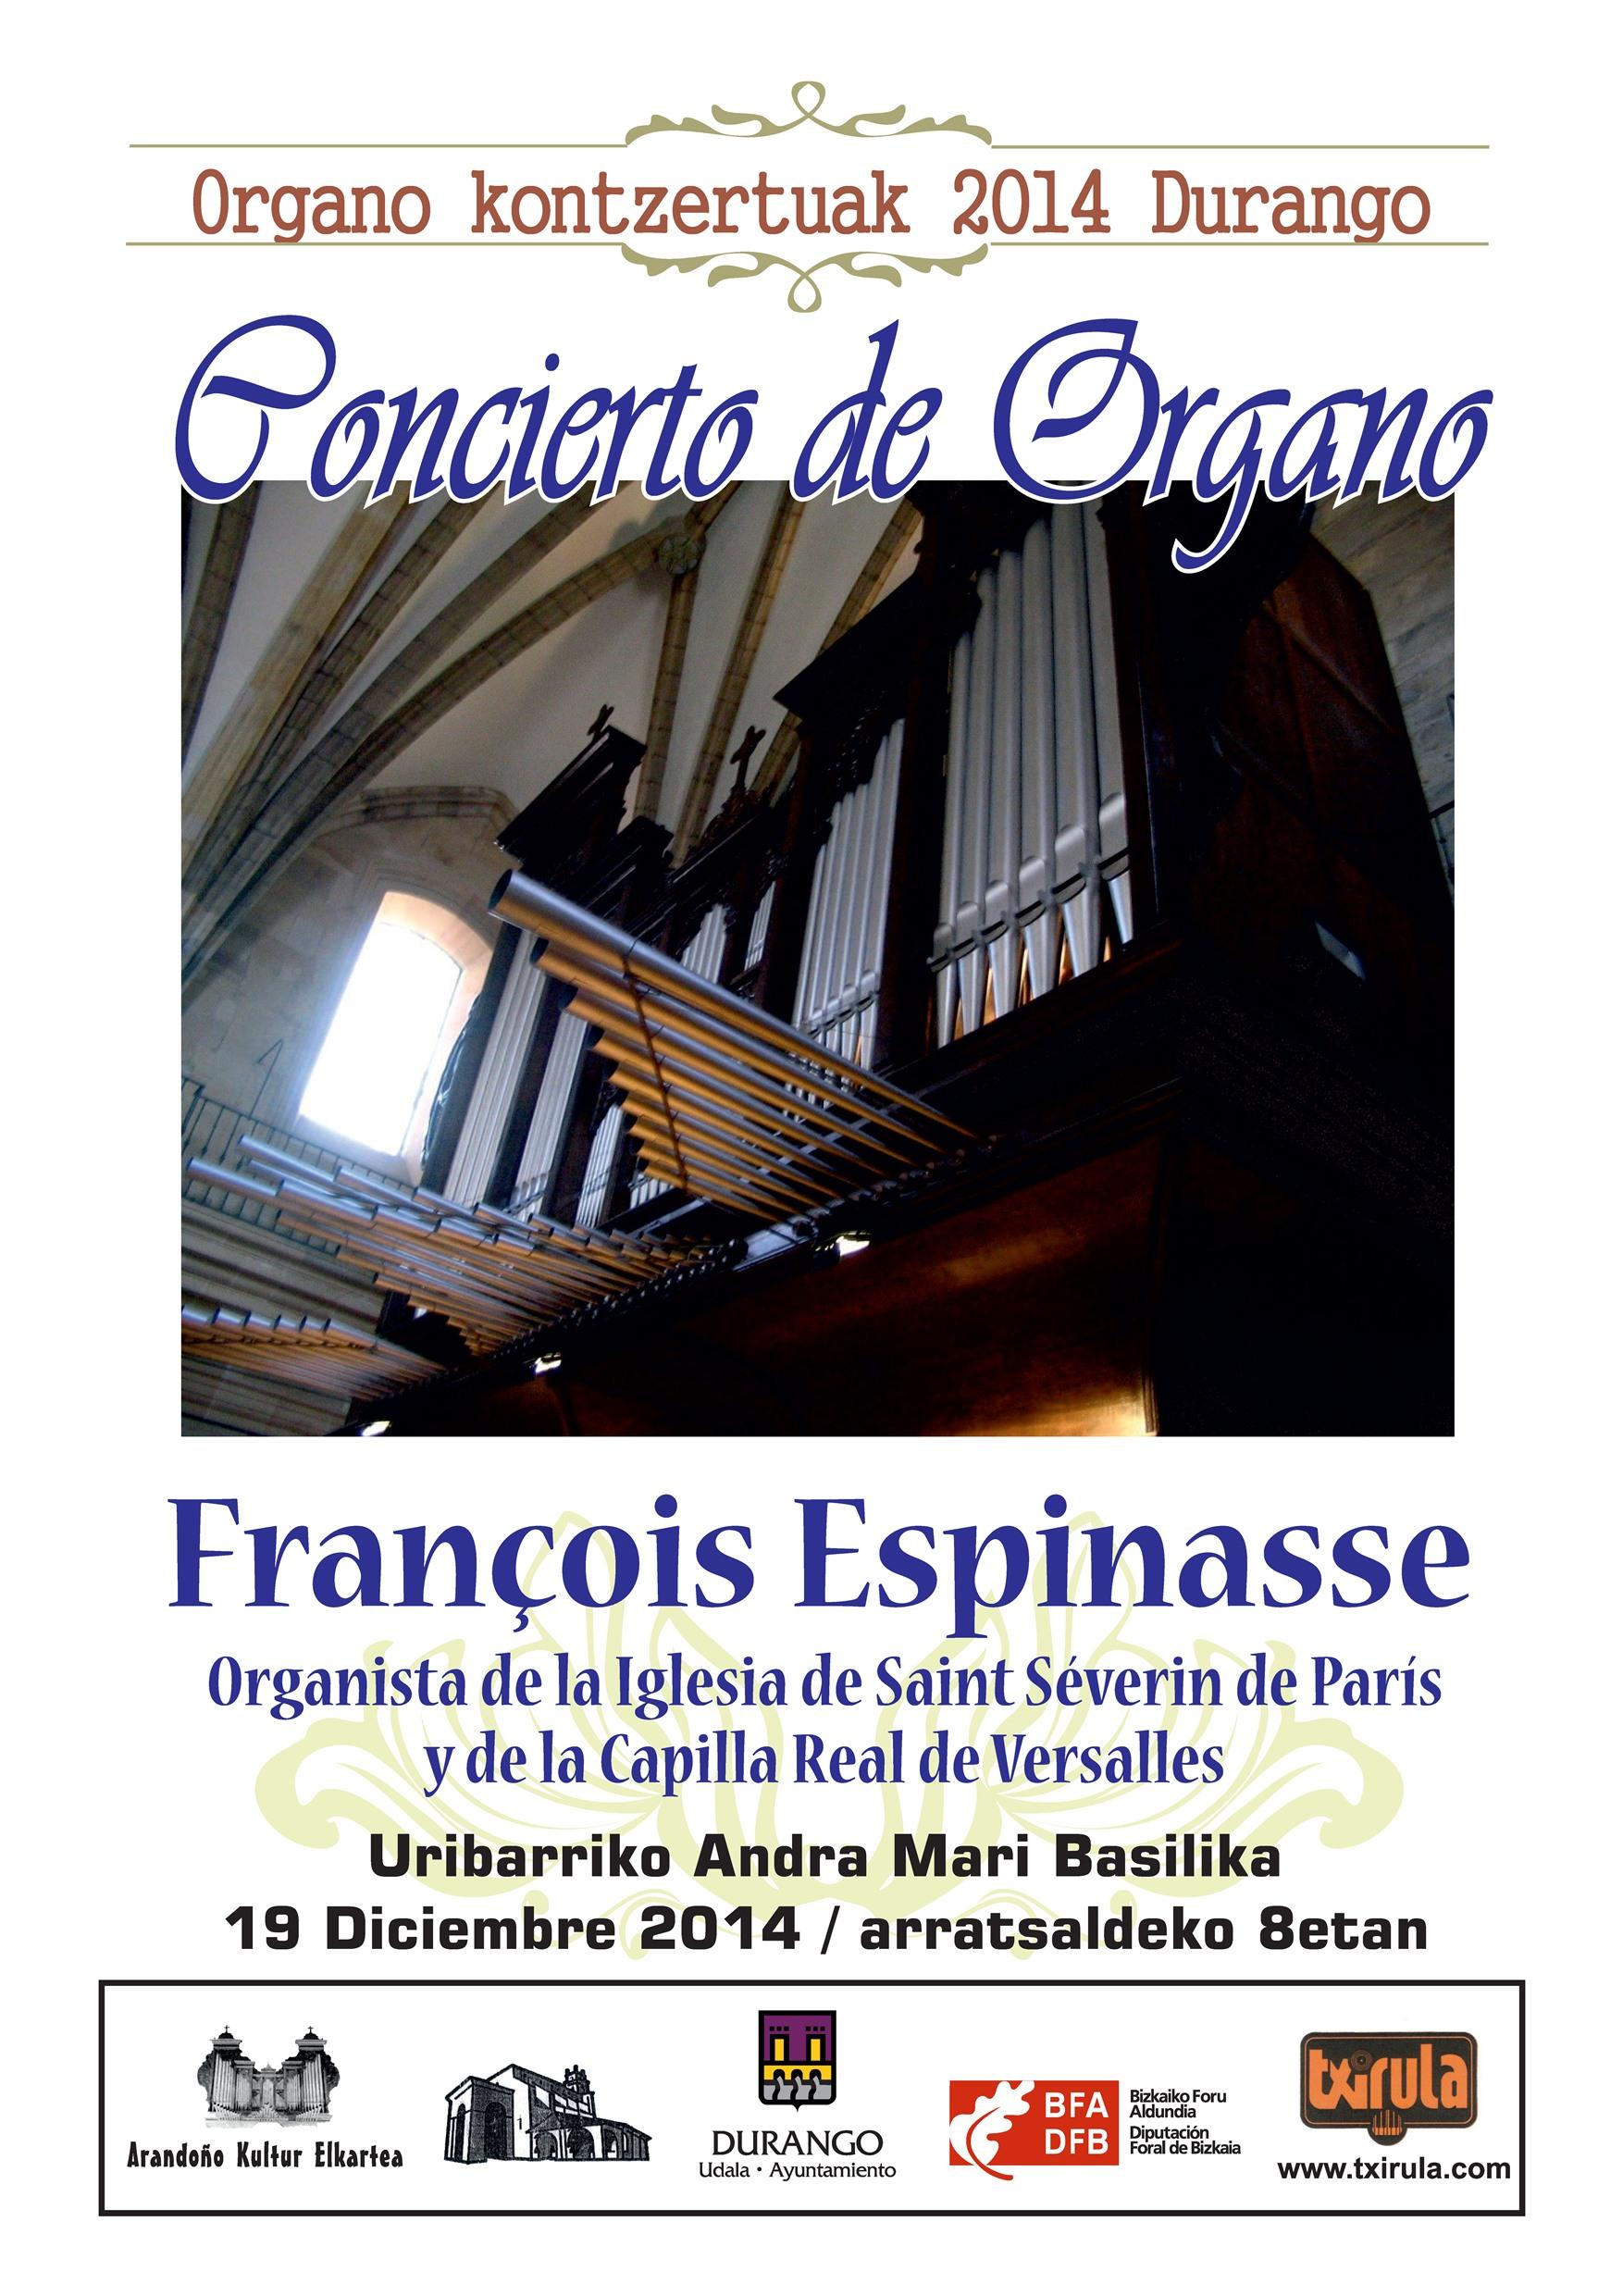 Órgano: El Nöel y la Pastoral de la mano de François Espinasse